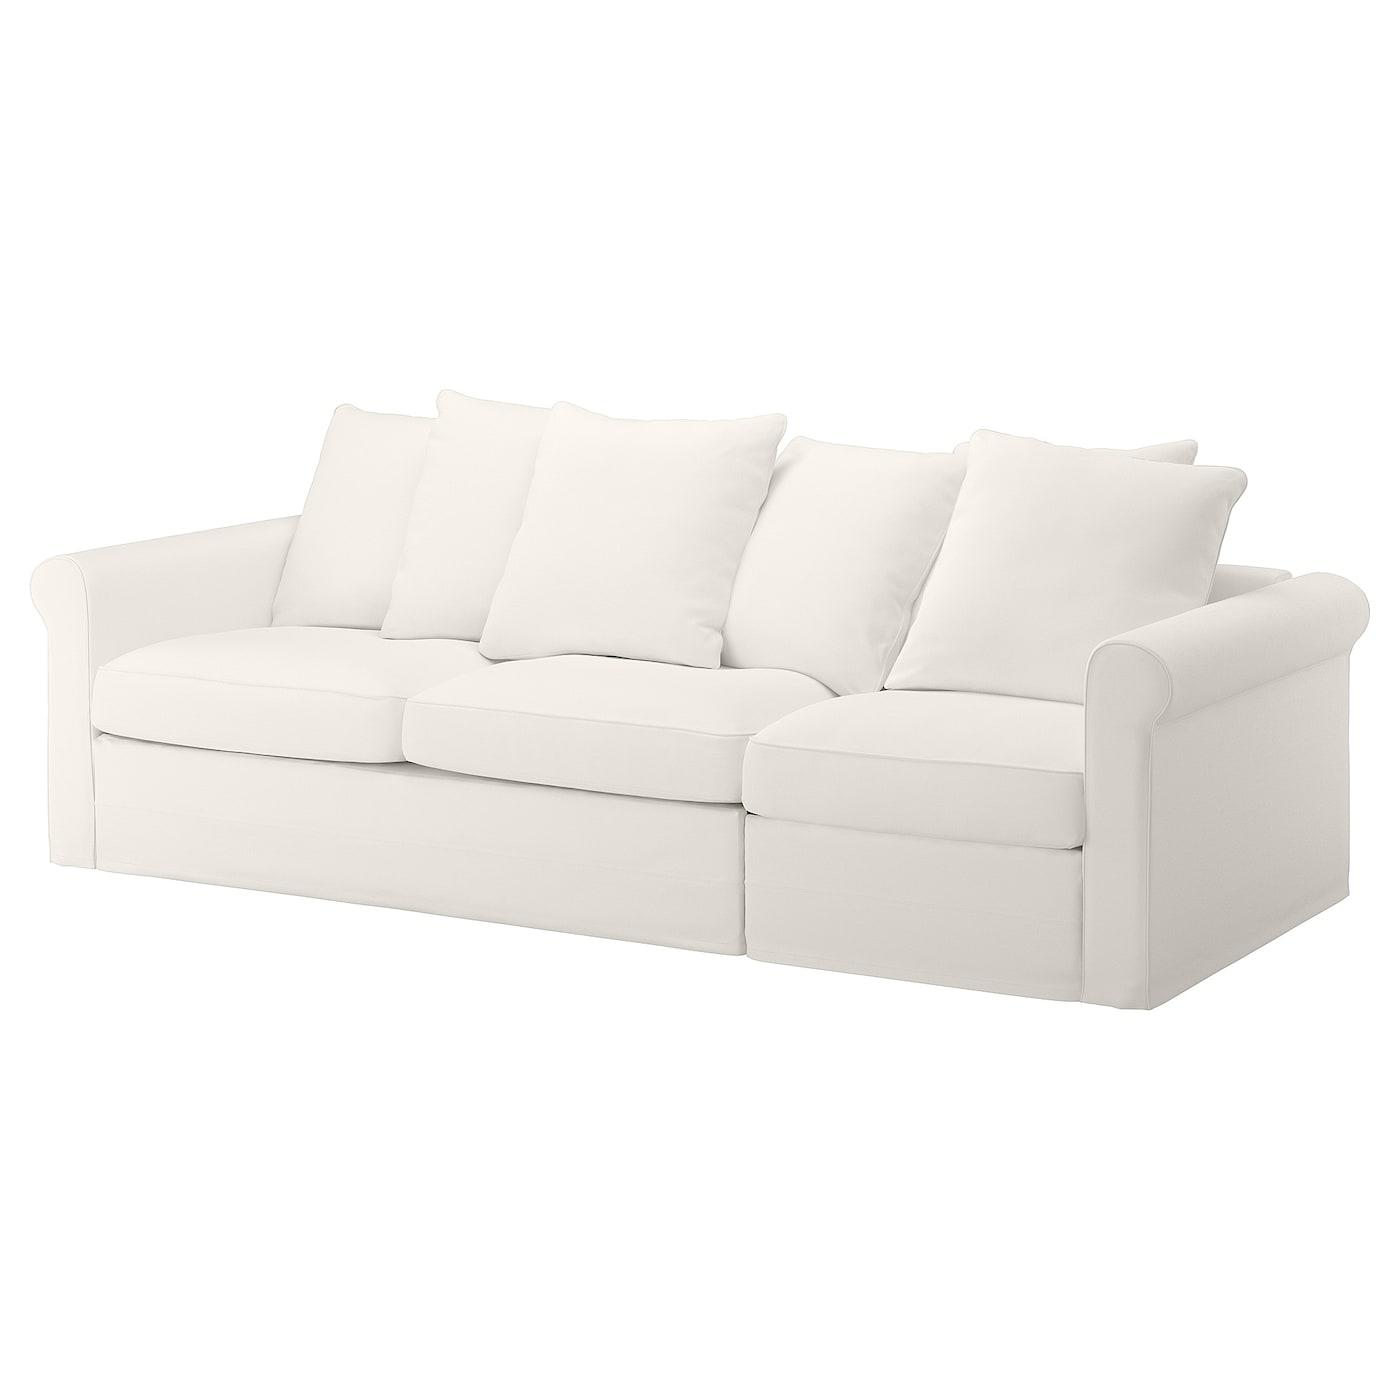 GRÖNLID 2sz. kanapé, Inseros fehér IKEA